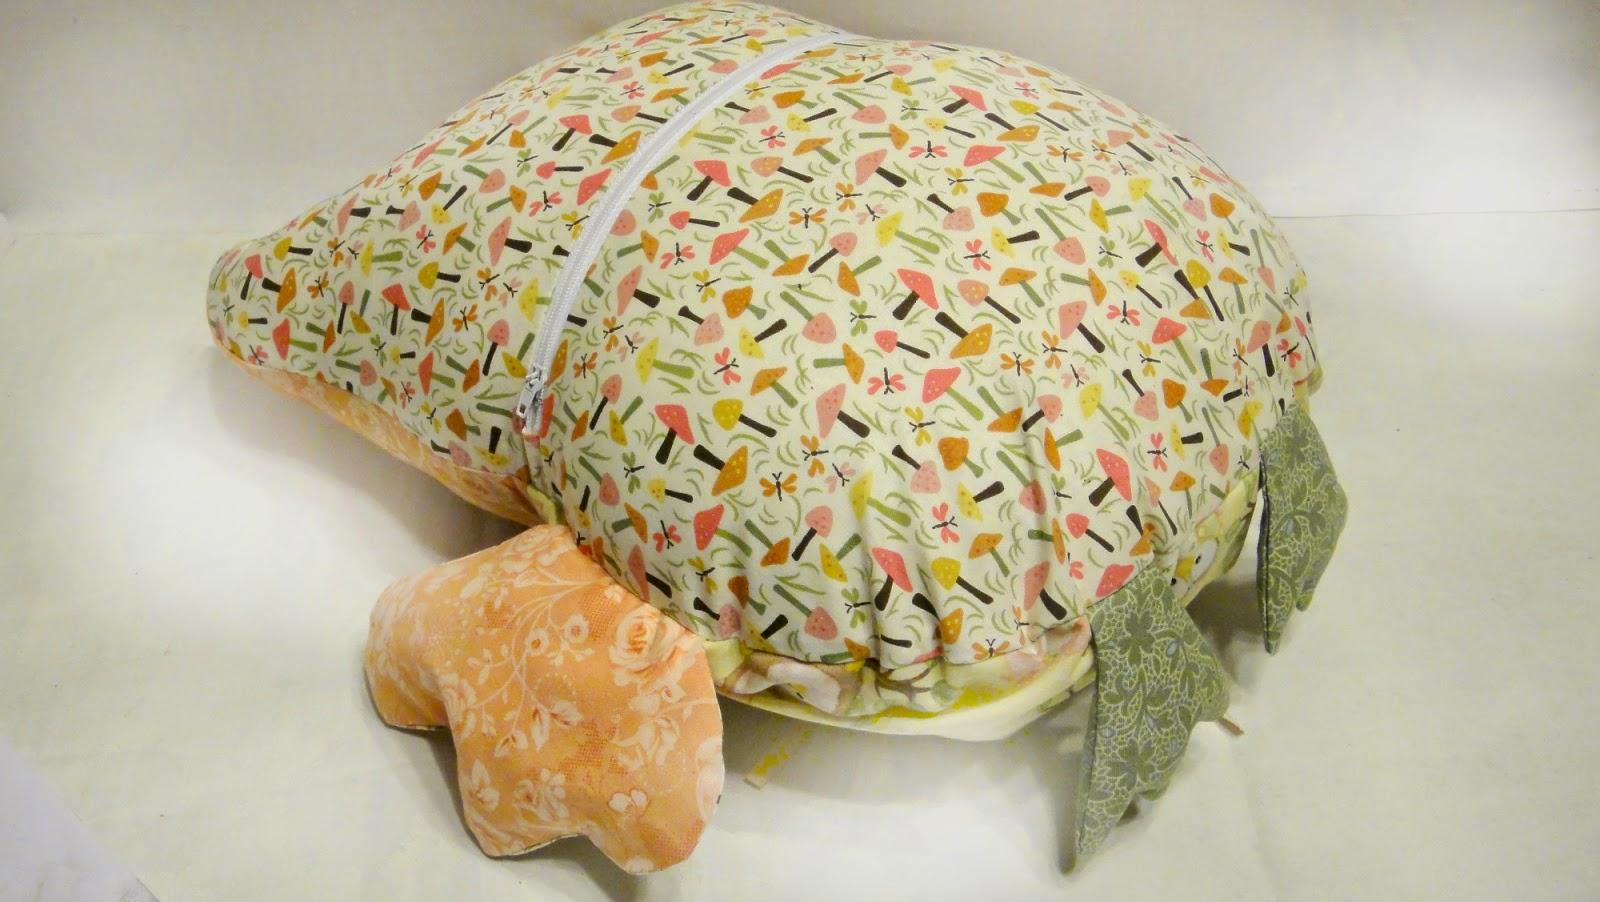 """Подушка игрушка """"Сова"""" в съемной наволочке на молнии, легко стирать в случае нужды"""